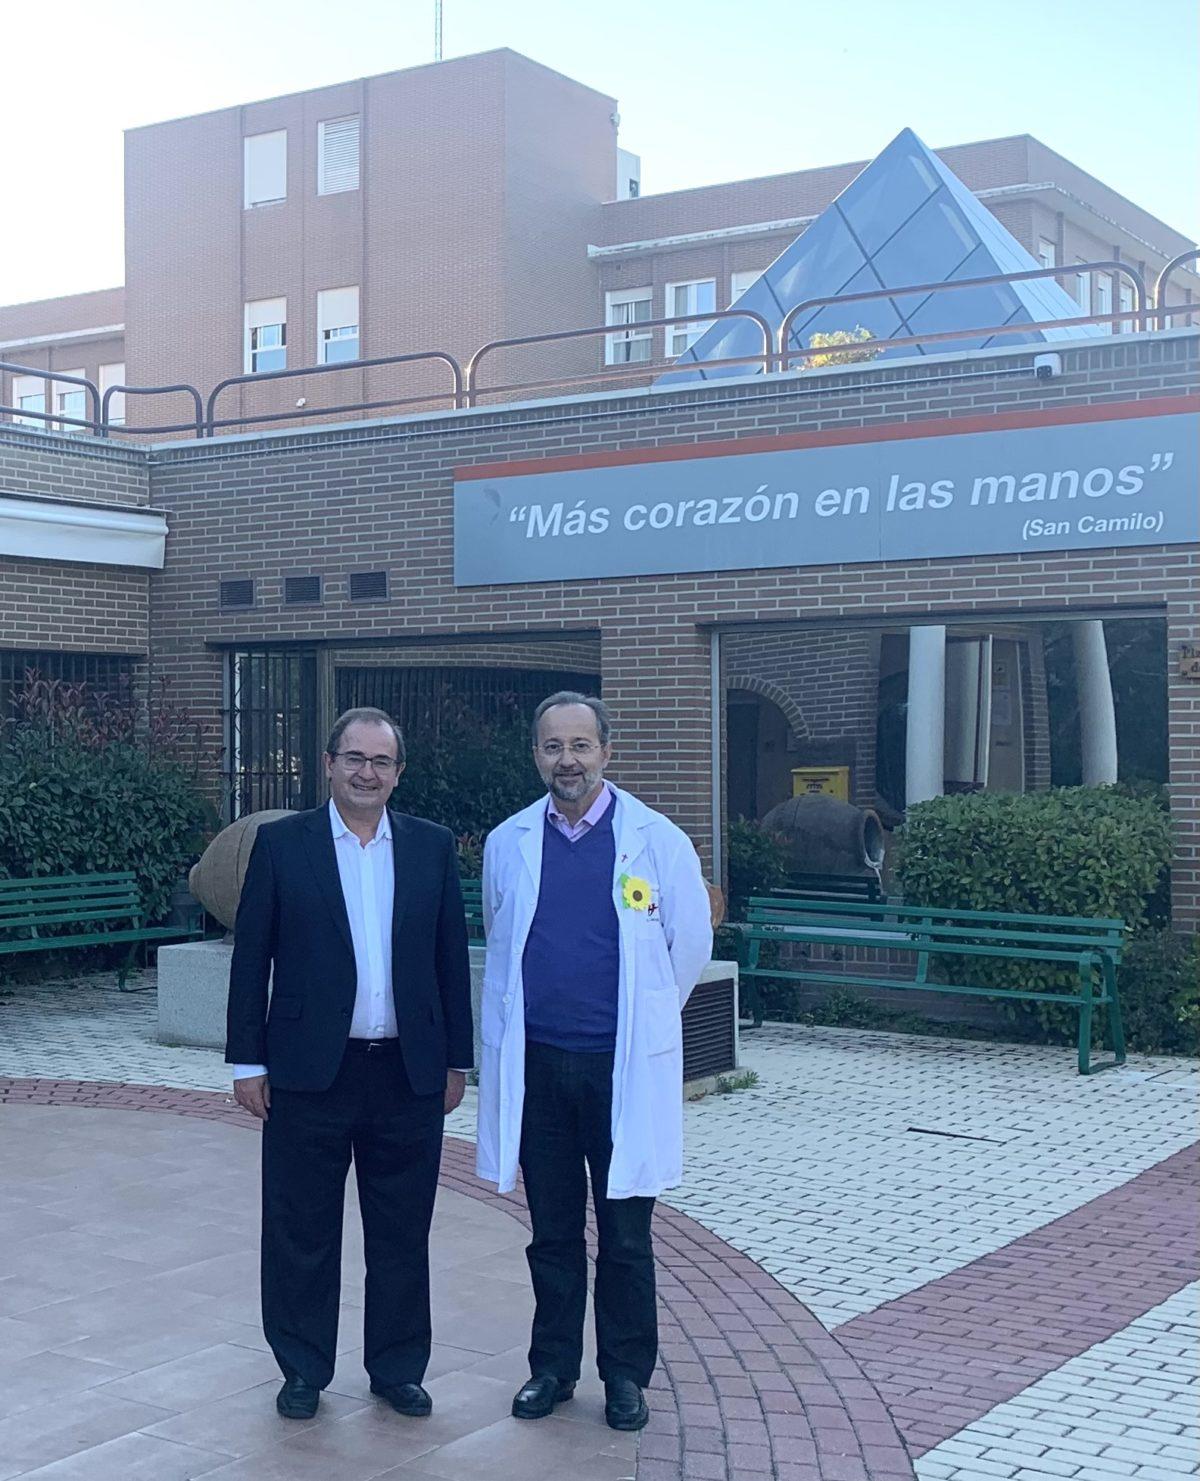 Dr. Carlos Centeno y José Carlos Bermejo en San Camilo